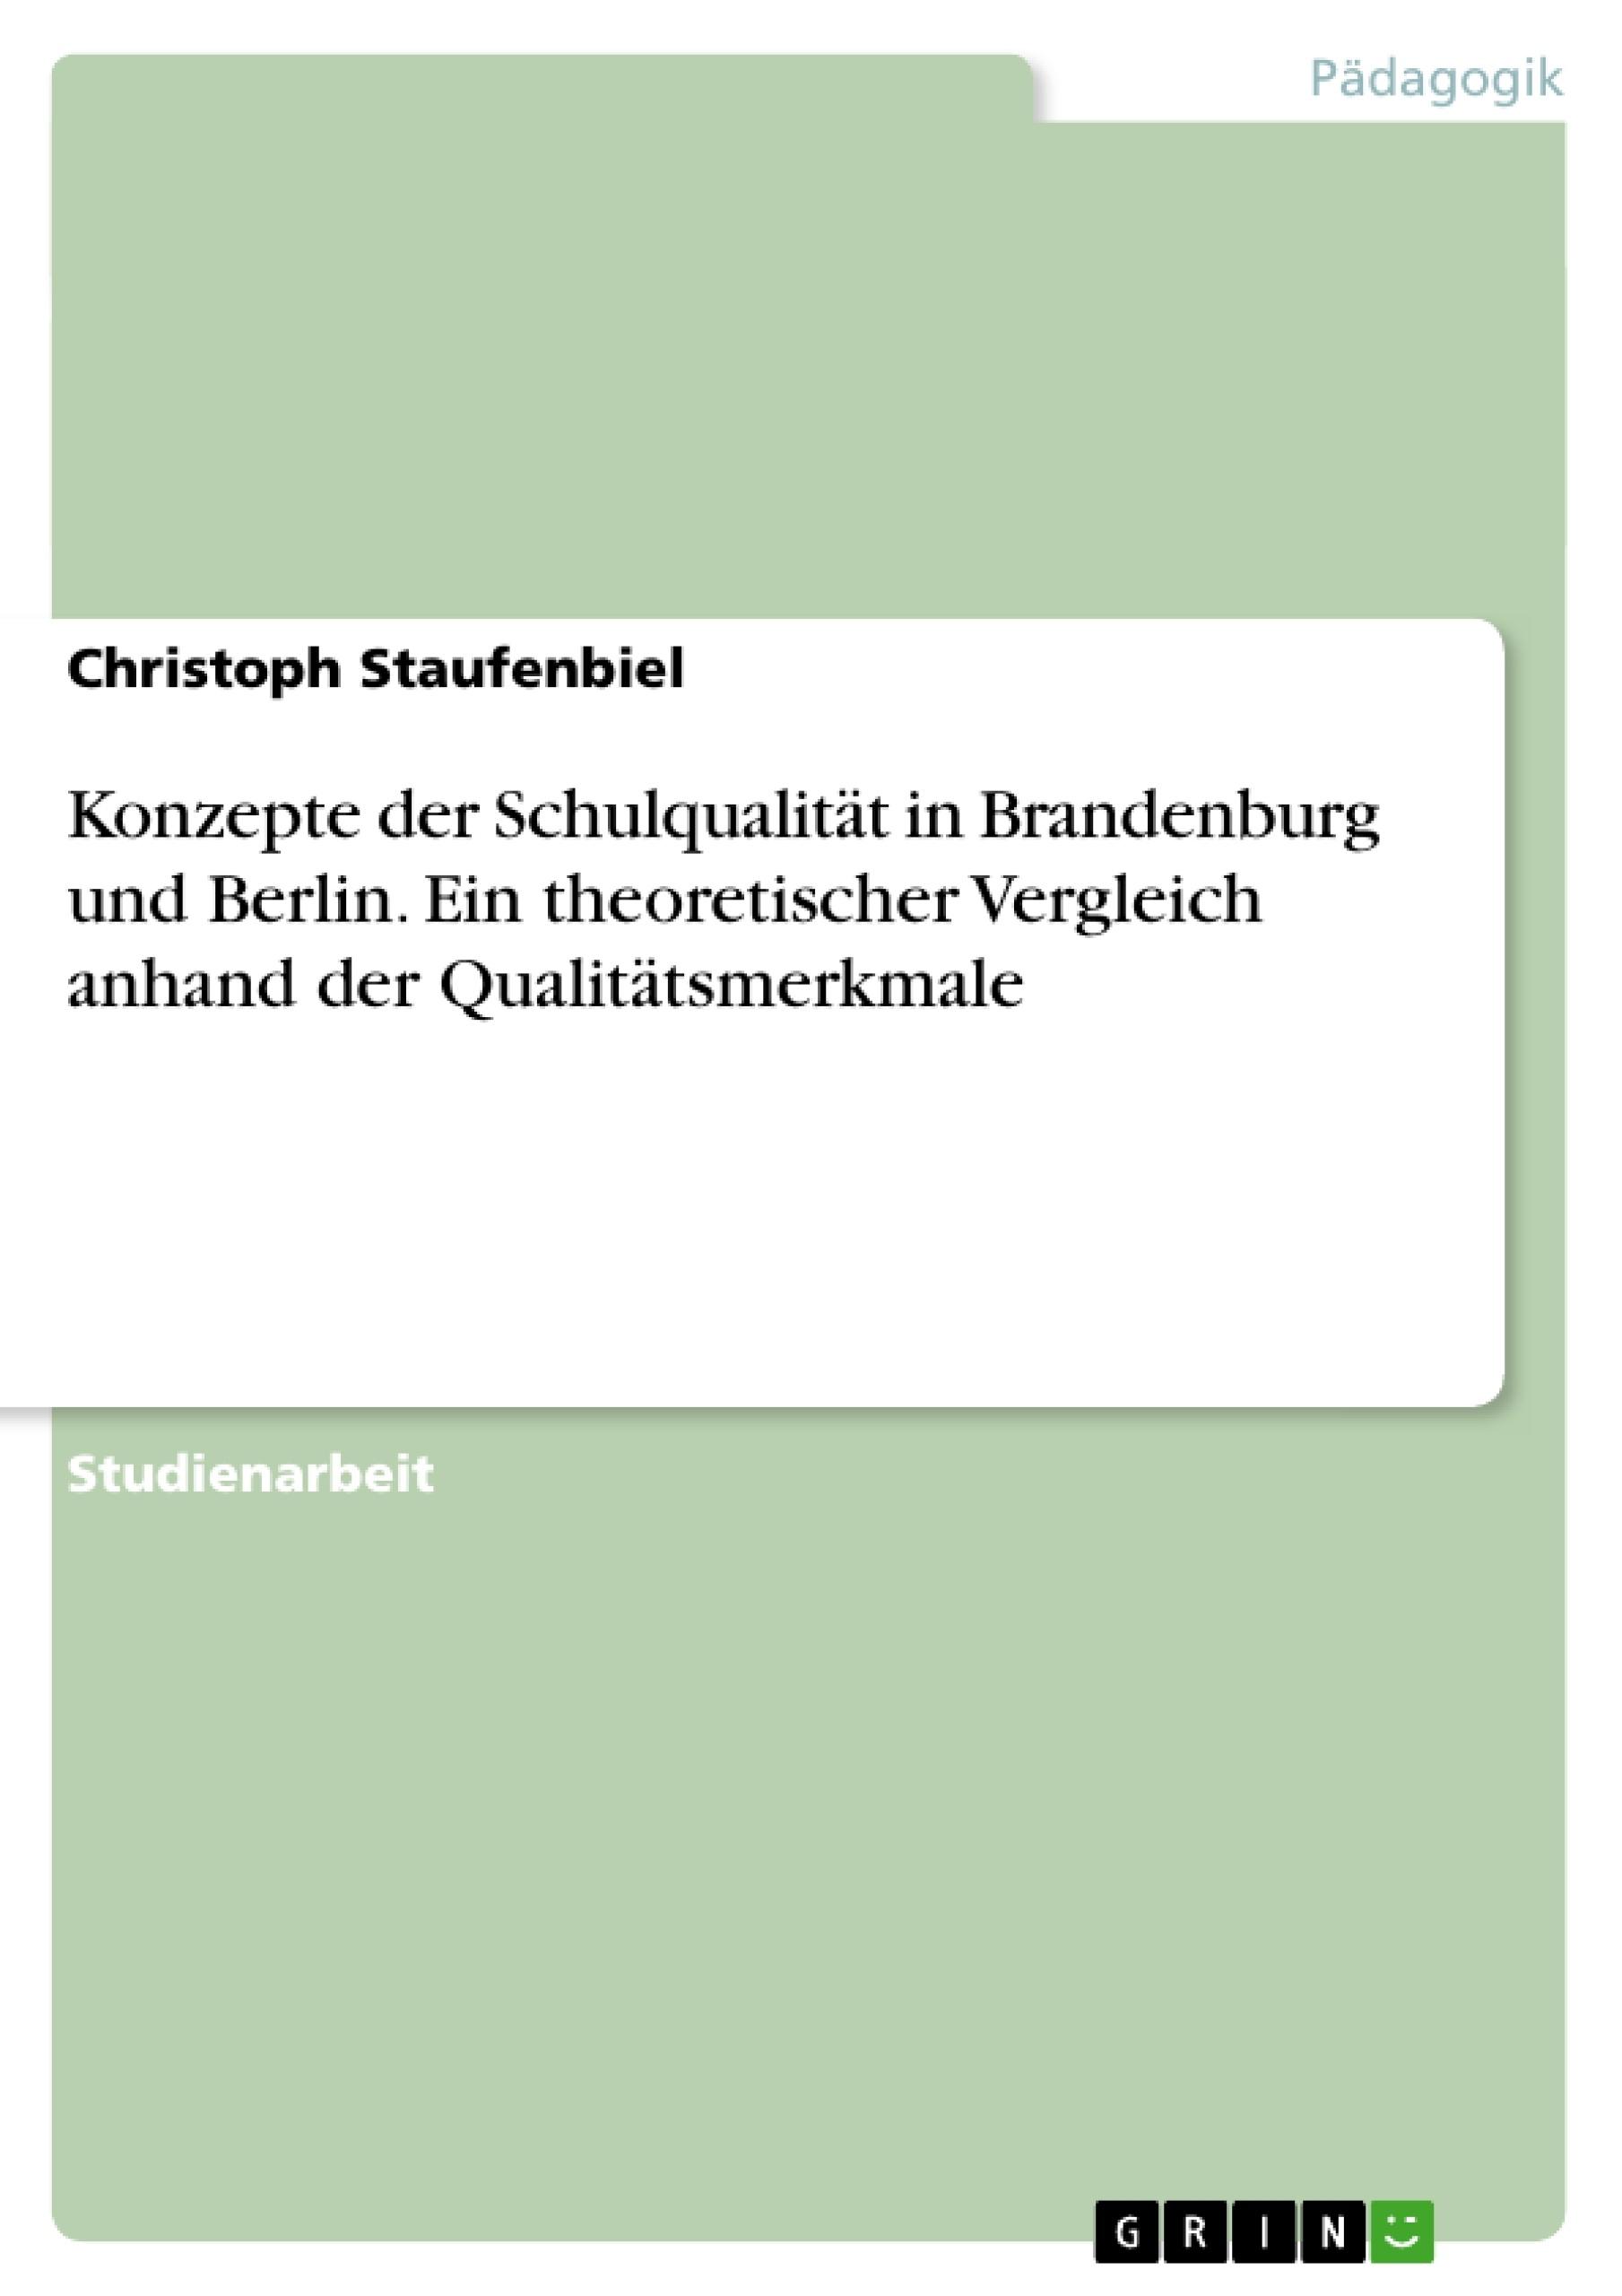 Titel: Konzepte der Schulqualität in Brandenburg und Berlin. Ein theoretischer Vergleich anhand der Qualitätsmerkmale